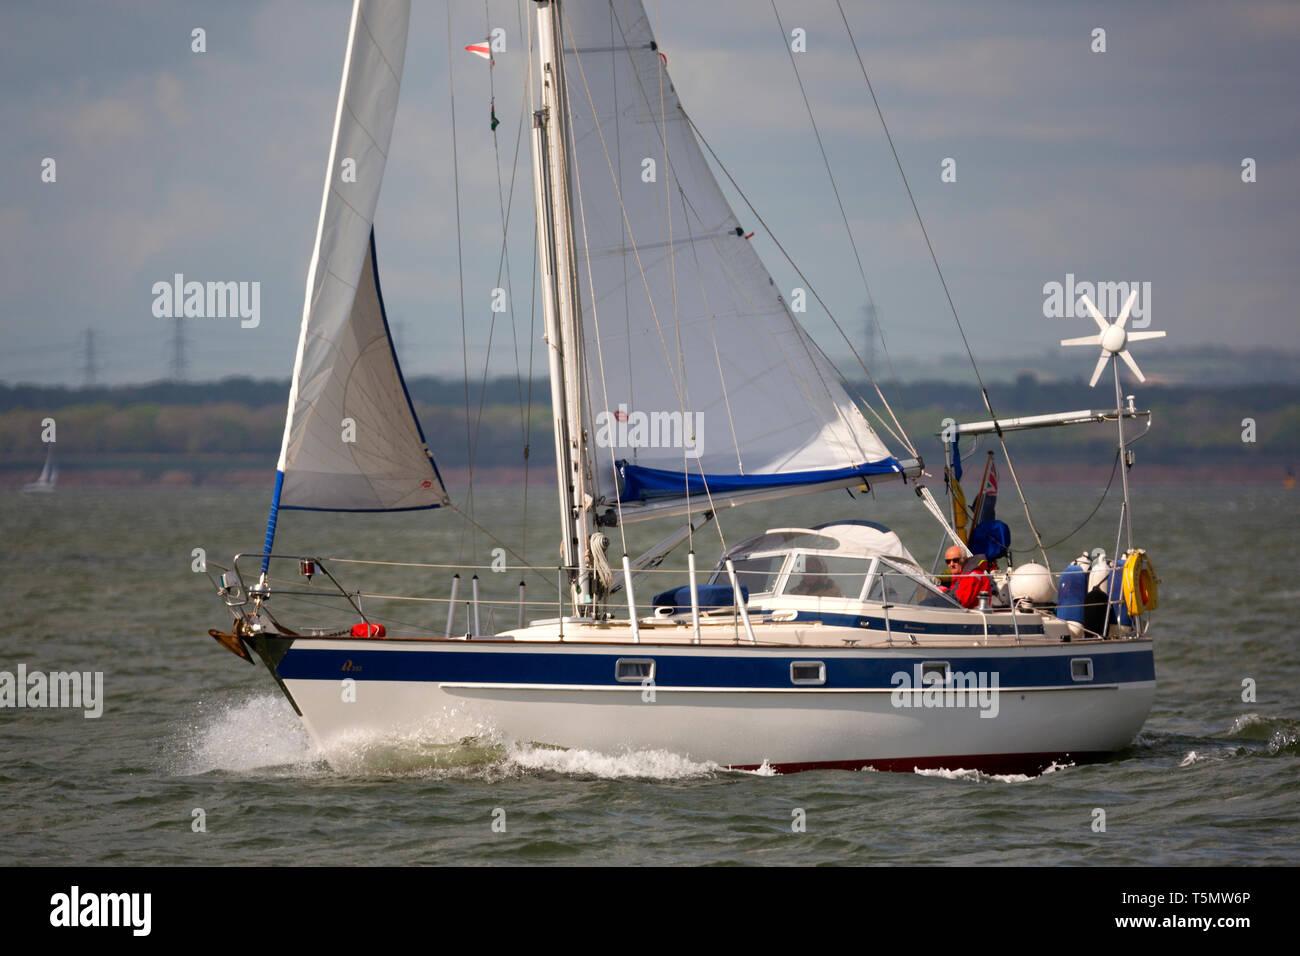 Hallberg-Rassy 352, yacht, crociera,cruiser,vela,yachting,pensionati,giovane,roller,presa di terzaroli,jib, Randa, vela, lunga distanza,viaggio,holiday,l'Solent, Immagini Stock